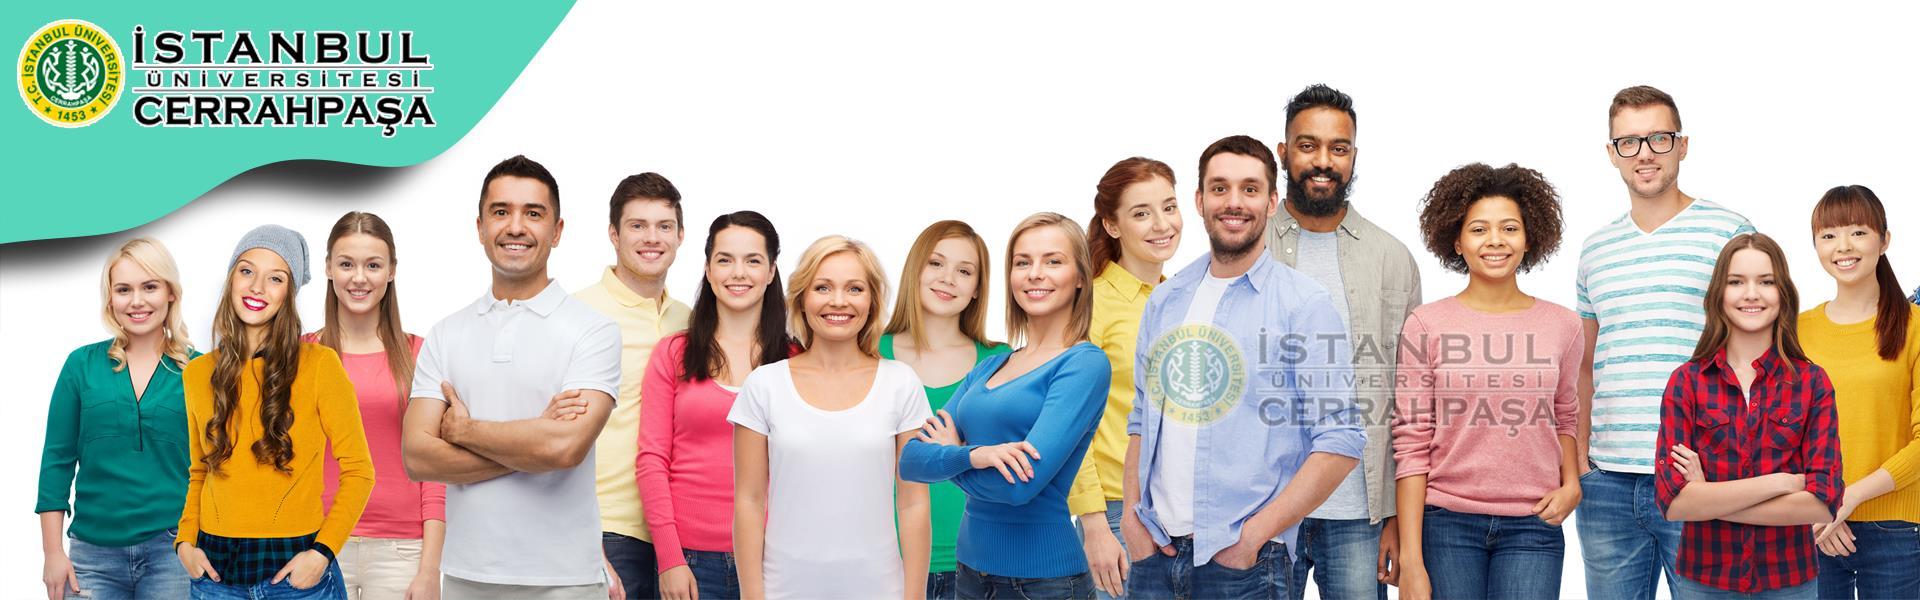 TÜRKÇE-YETERLİLİK-SINAVI-(TYS) tys türkçe sınav yeterlilik-sınavı